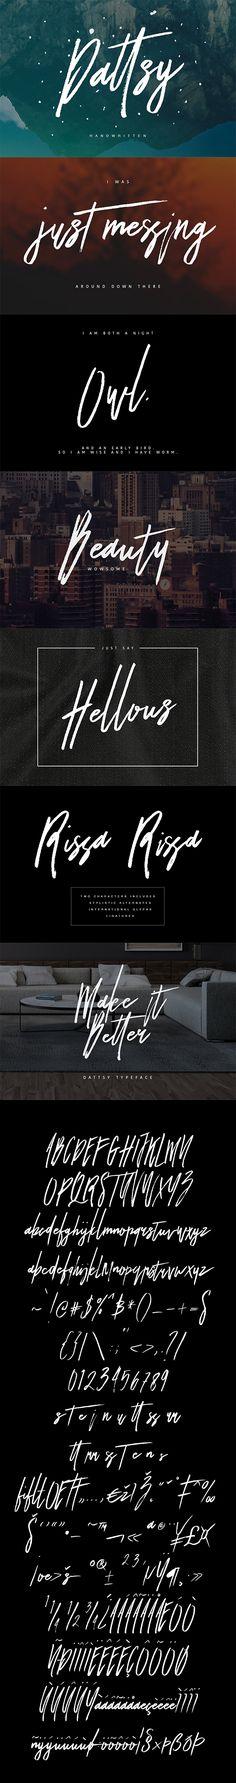 Dattsy Signature Brush Font Download here: https://graphicriver.net/item/dattsy-signature-brush-font/19367518?ref=KlitVogli